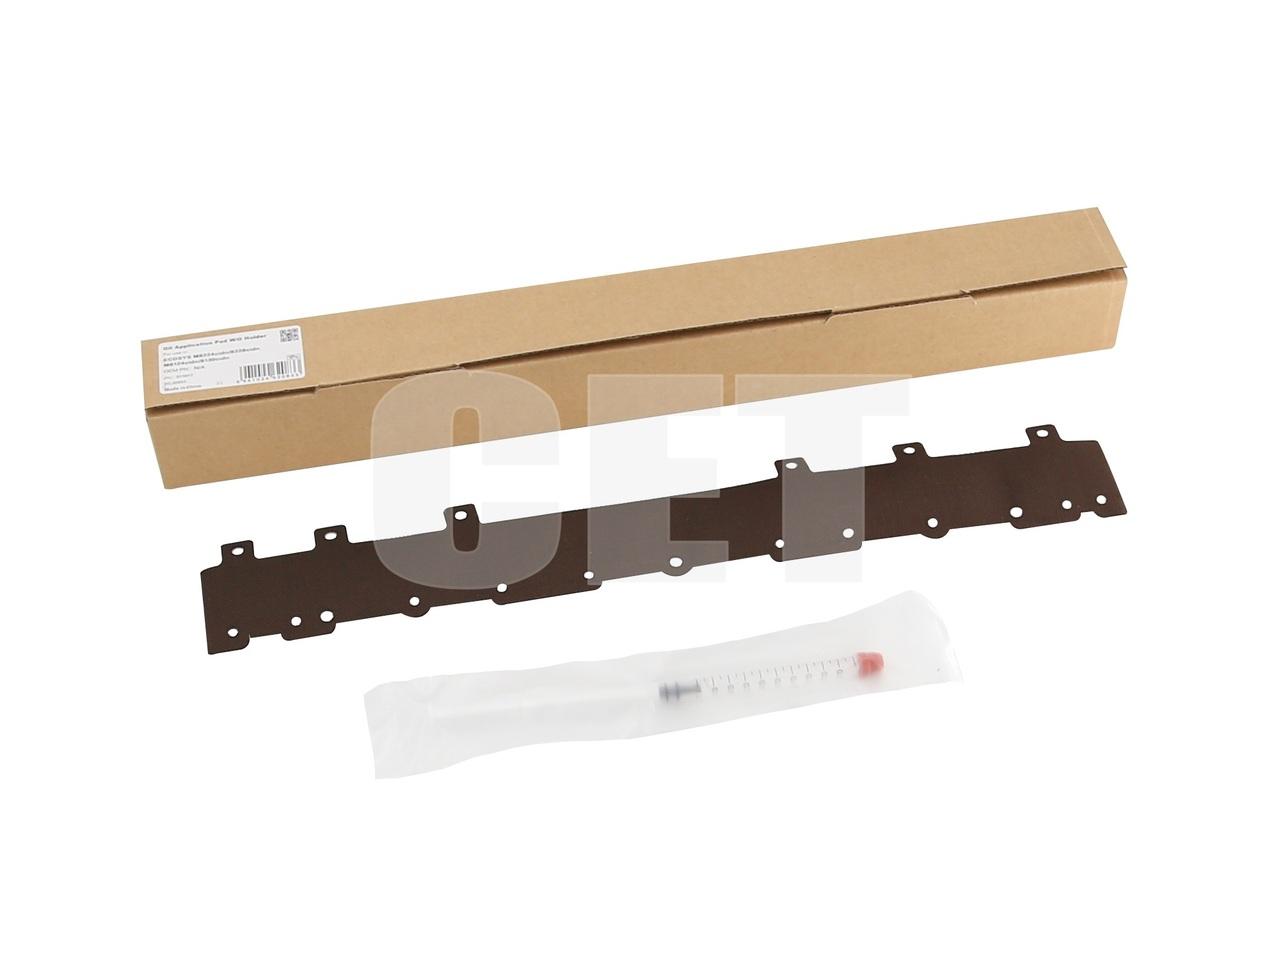 Тканевая накладка прижимной планки фьюзера + смазка дляKYOCERA ECOSYSM8124cidn/M8130cidn/M8224cidn/M8228cidn (CET), CET311017